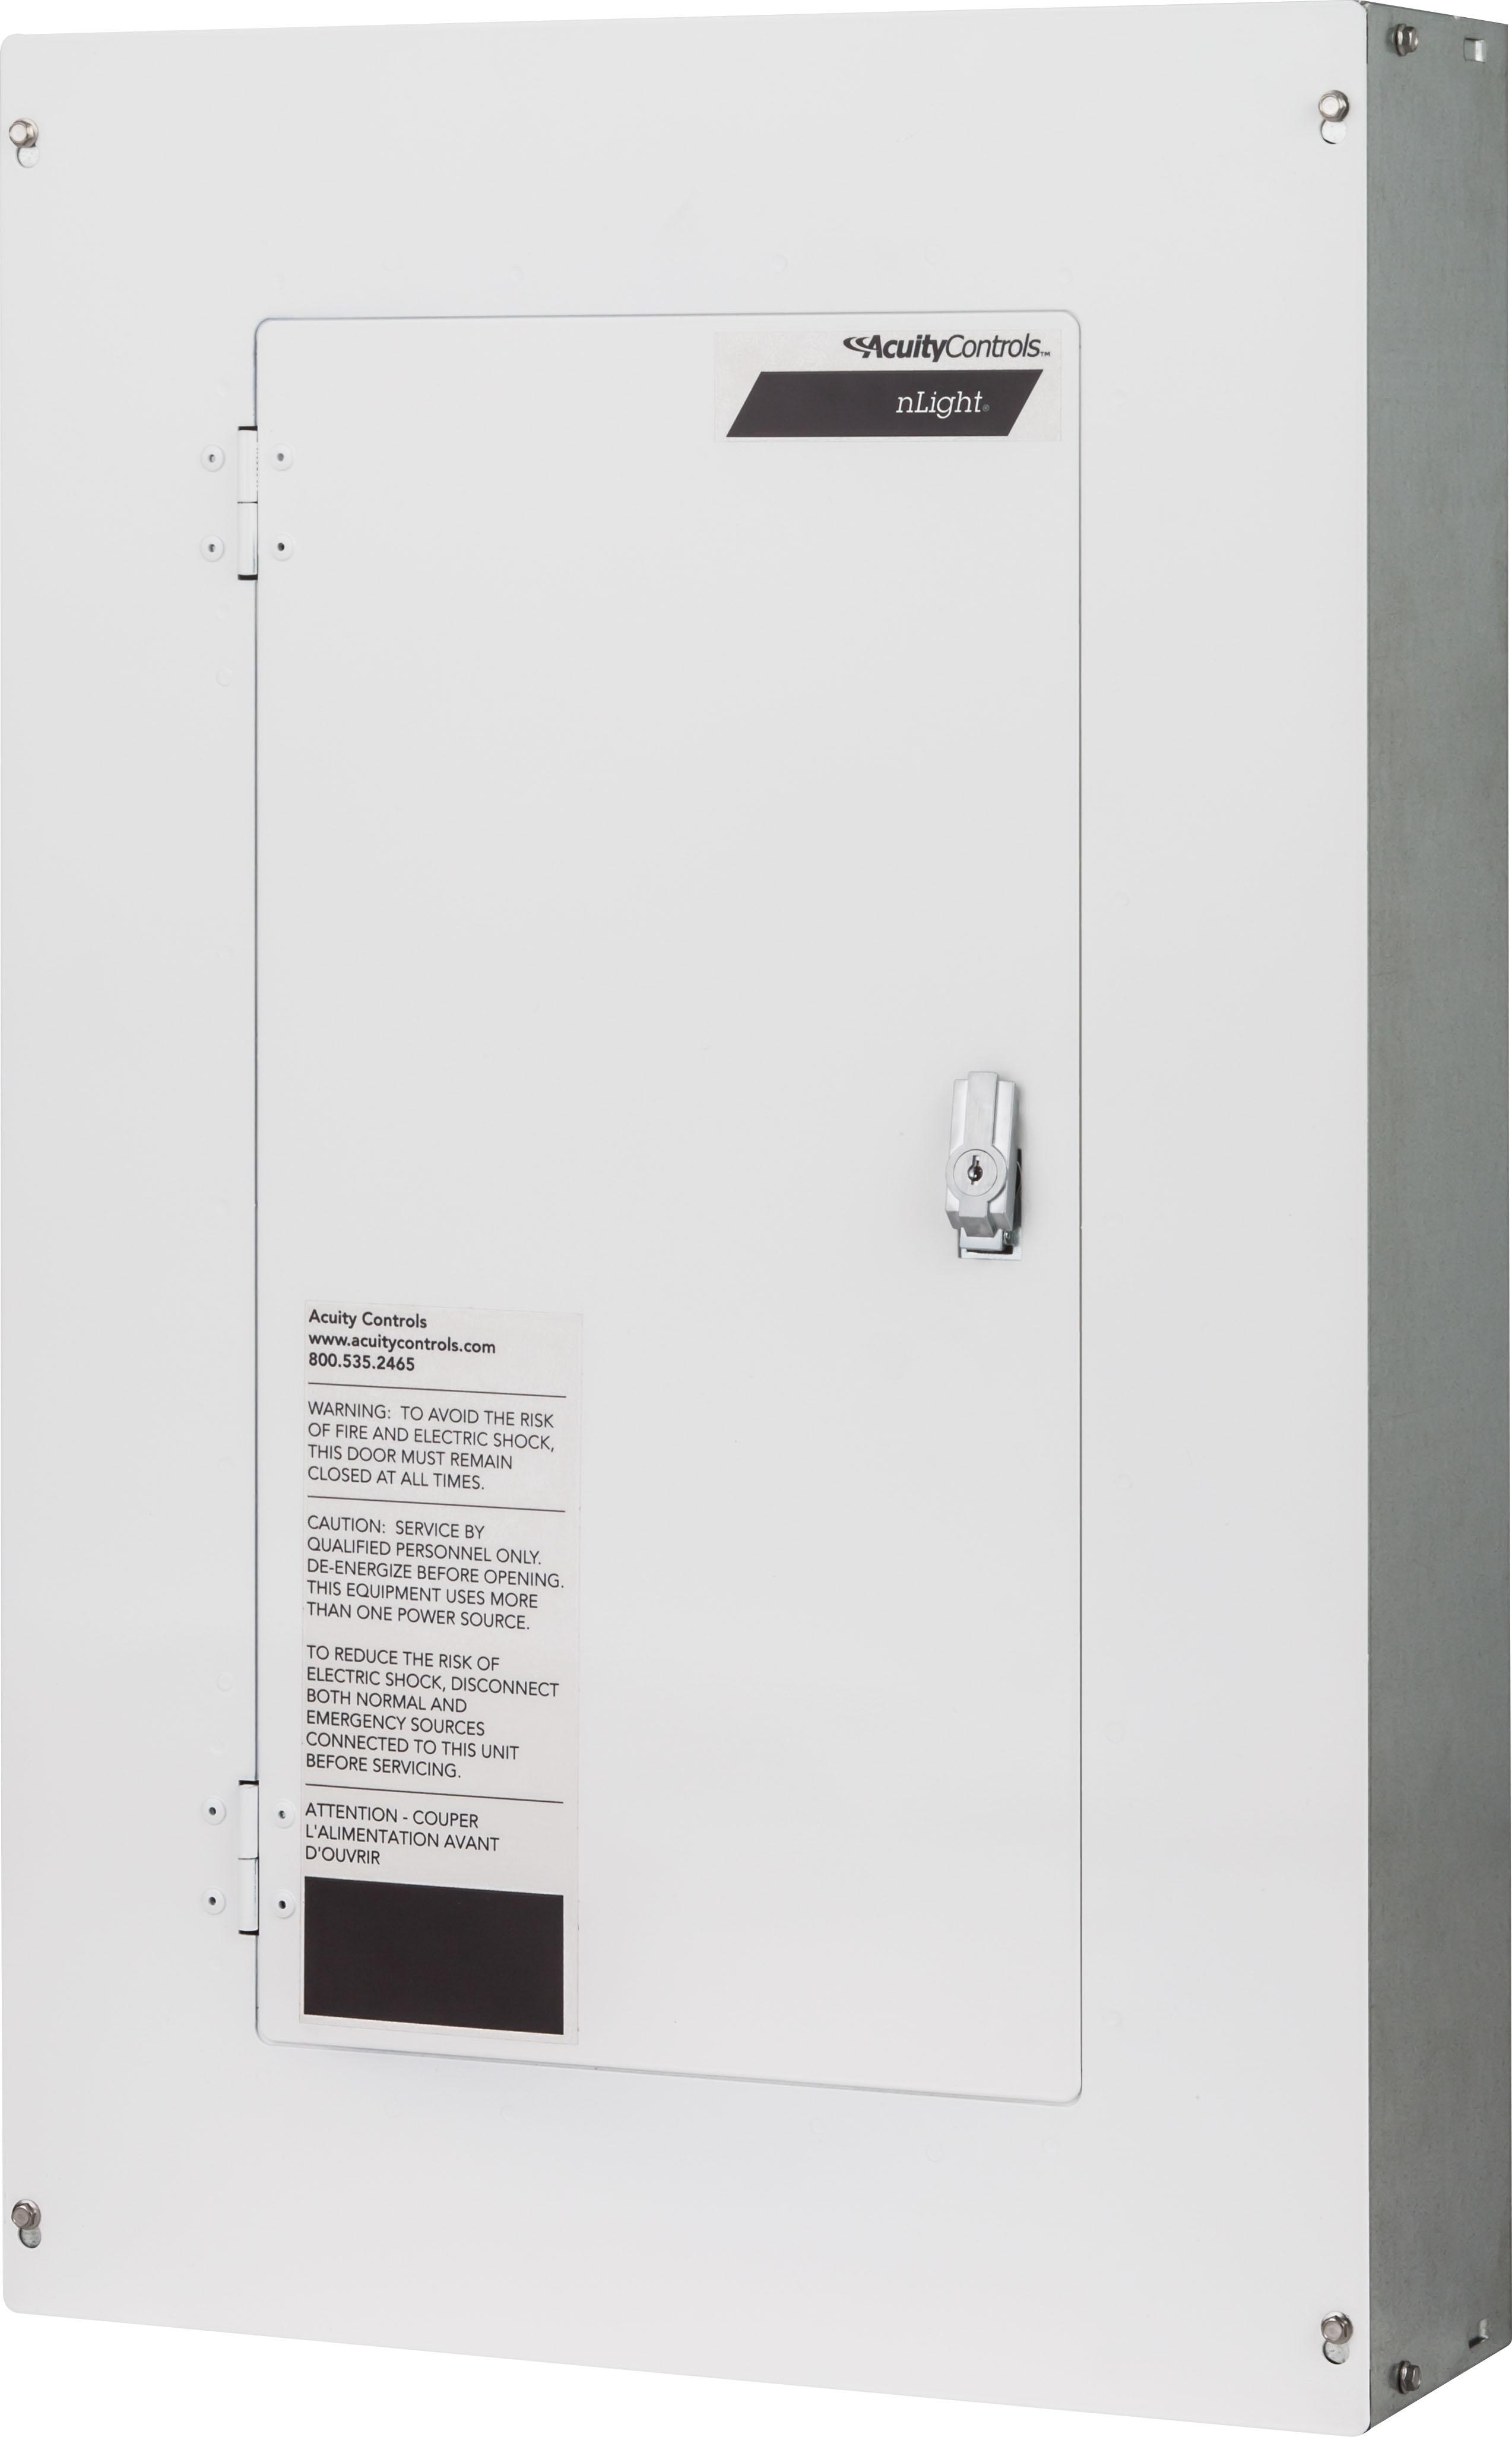 nLight ARP Relay Panel 32 left facing door closed.jpg